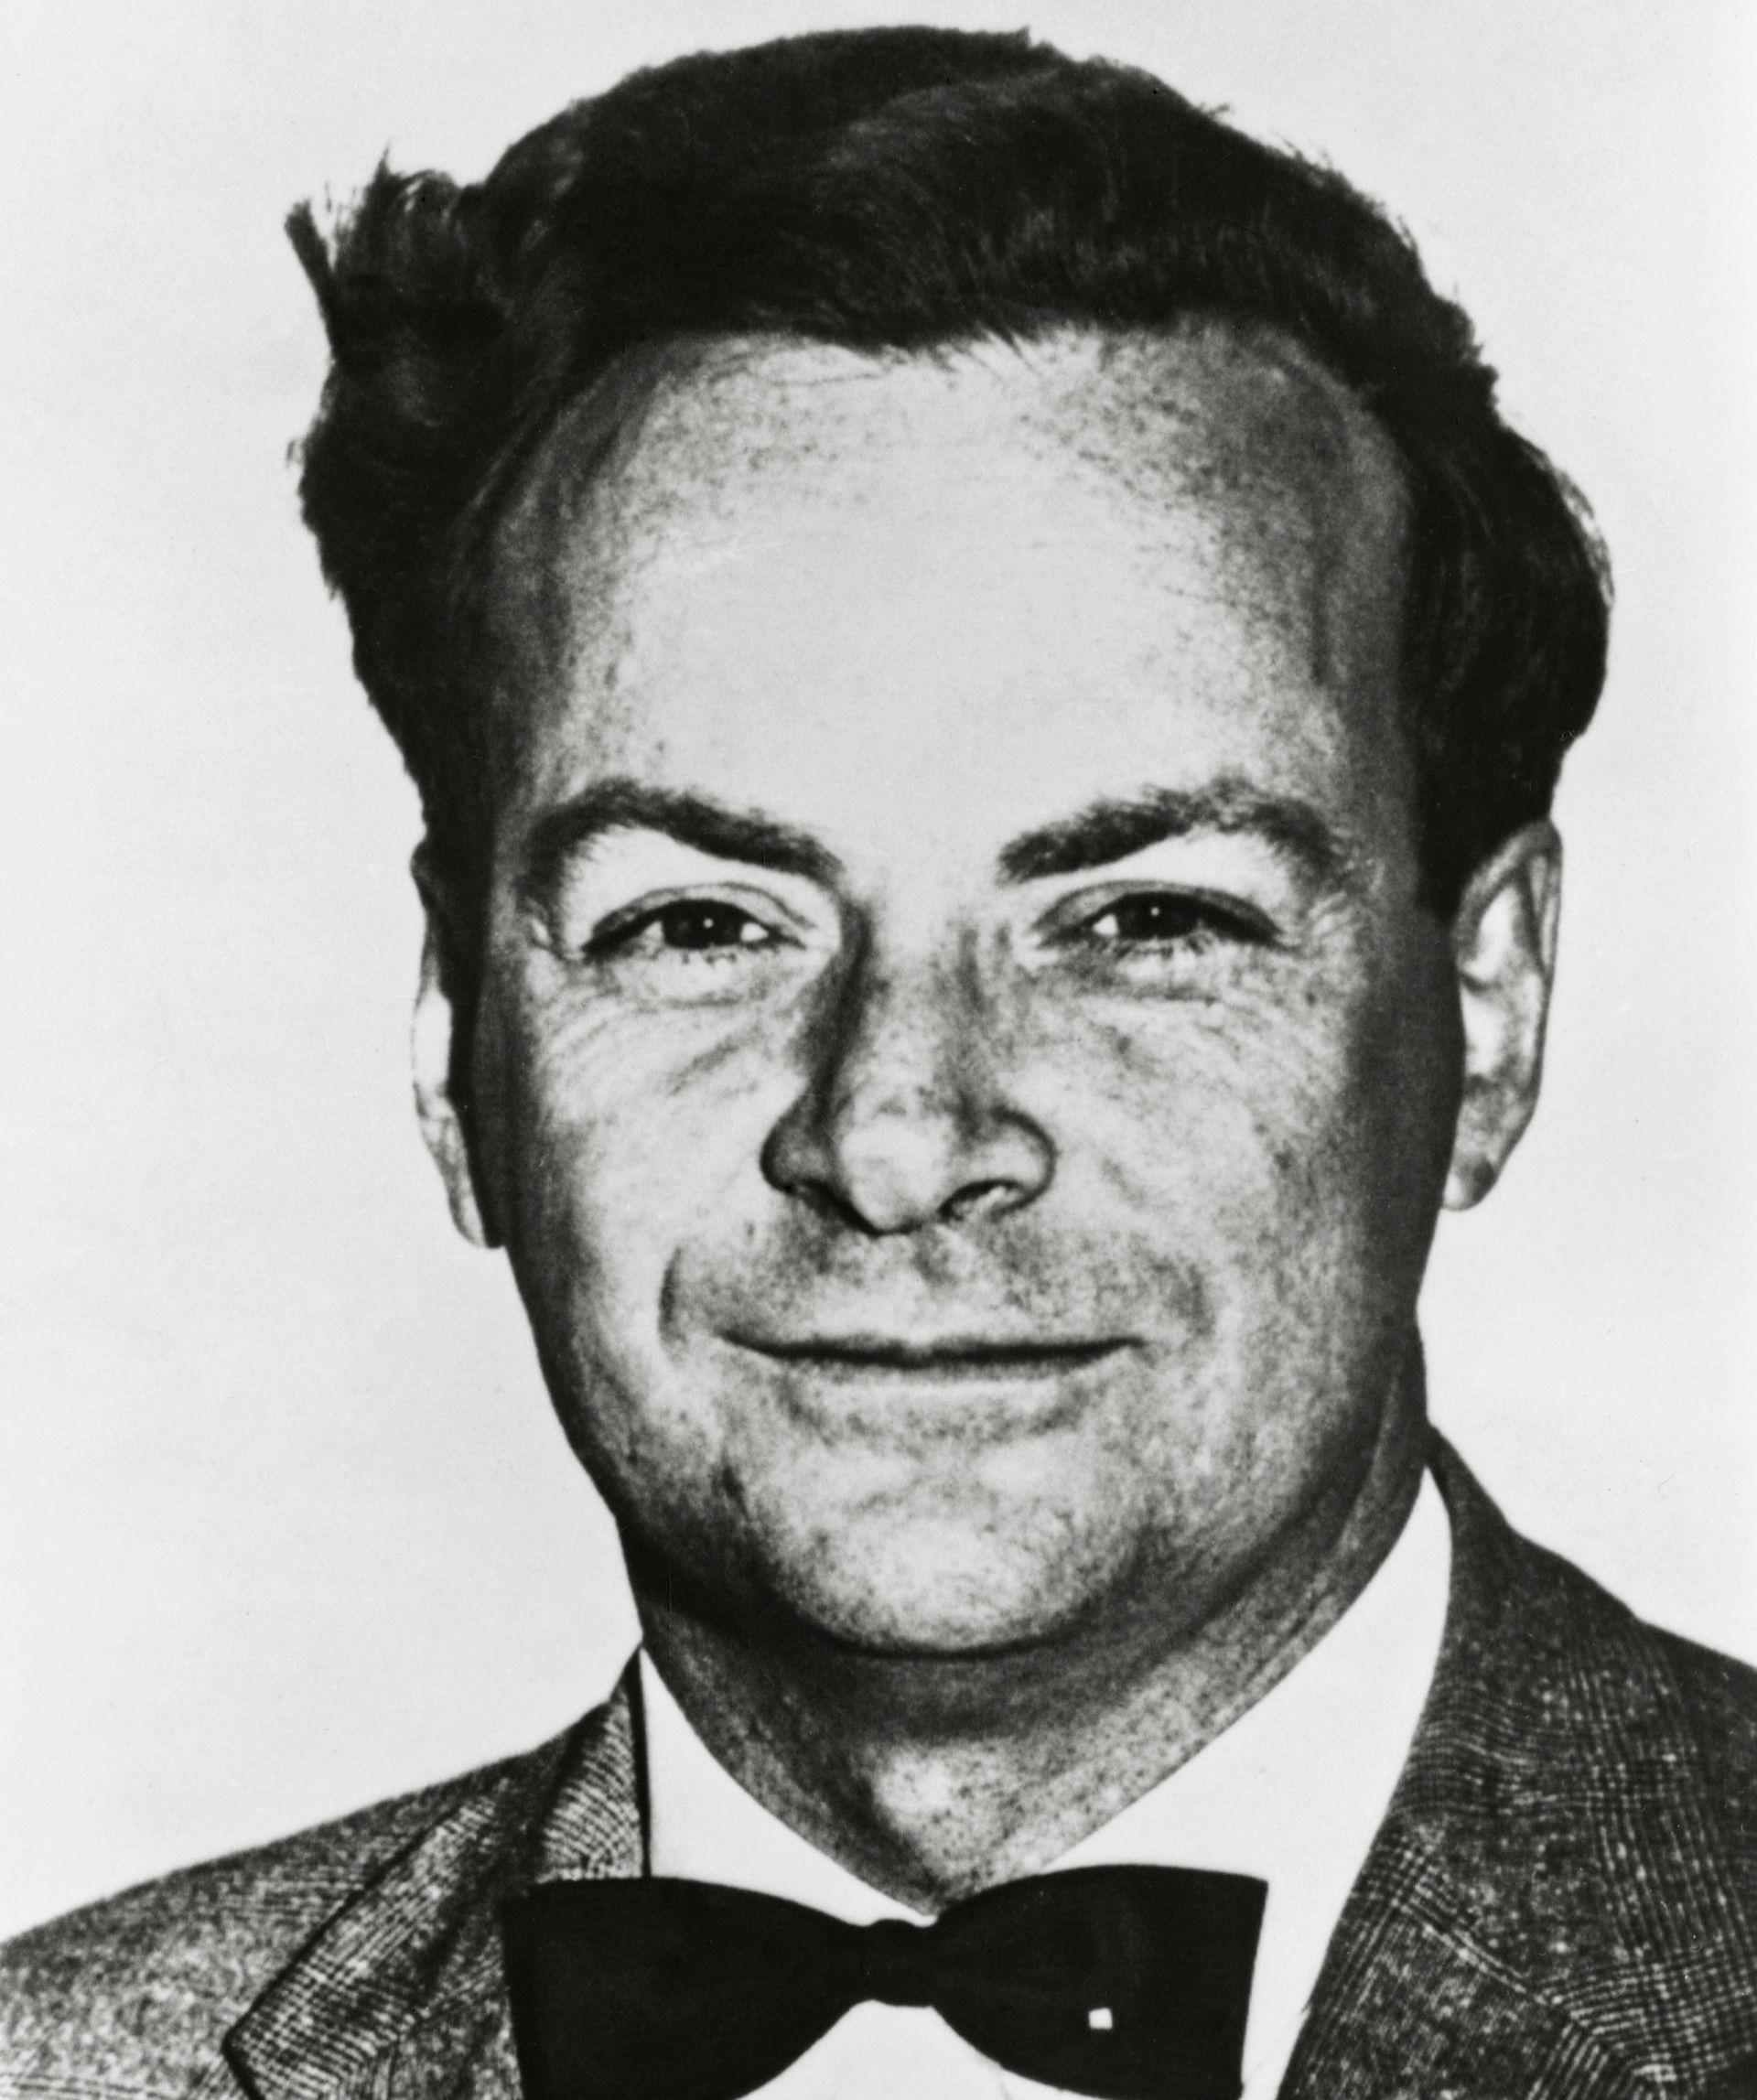 Who Is Richard Feynman Richard Feynman Facts DK Find Out